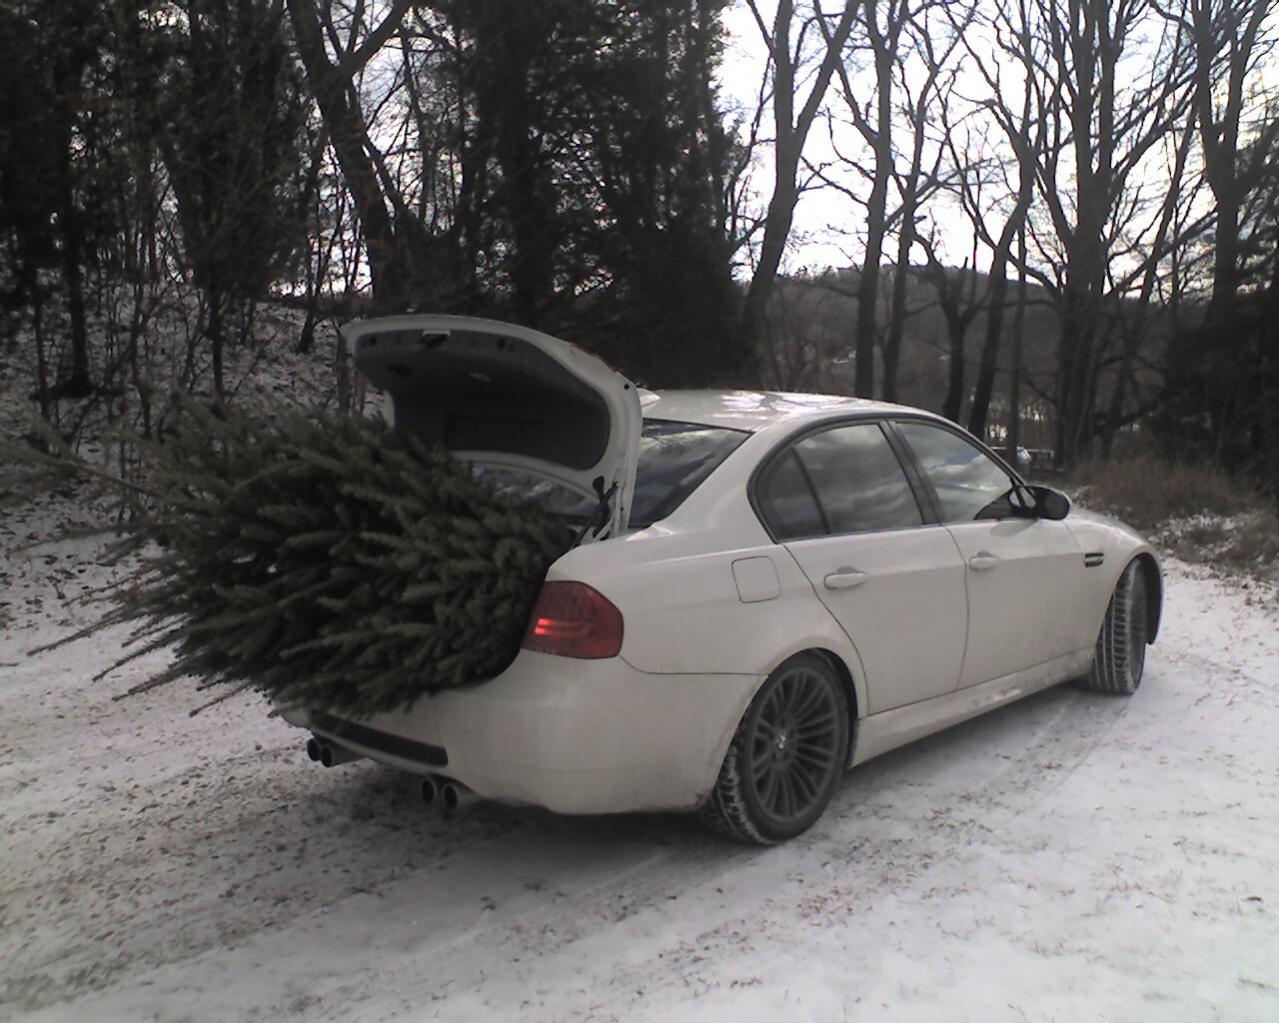 Winter in the E90 M3 - Bimmerfest - BMW Forums